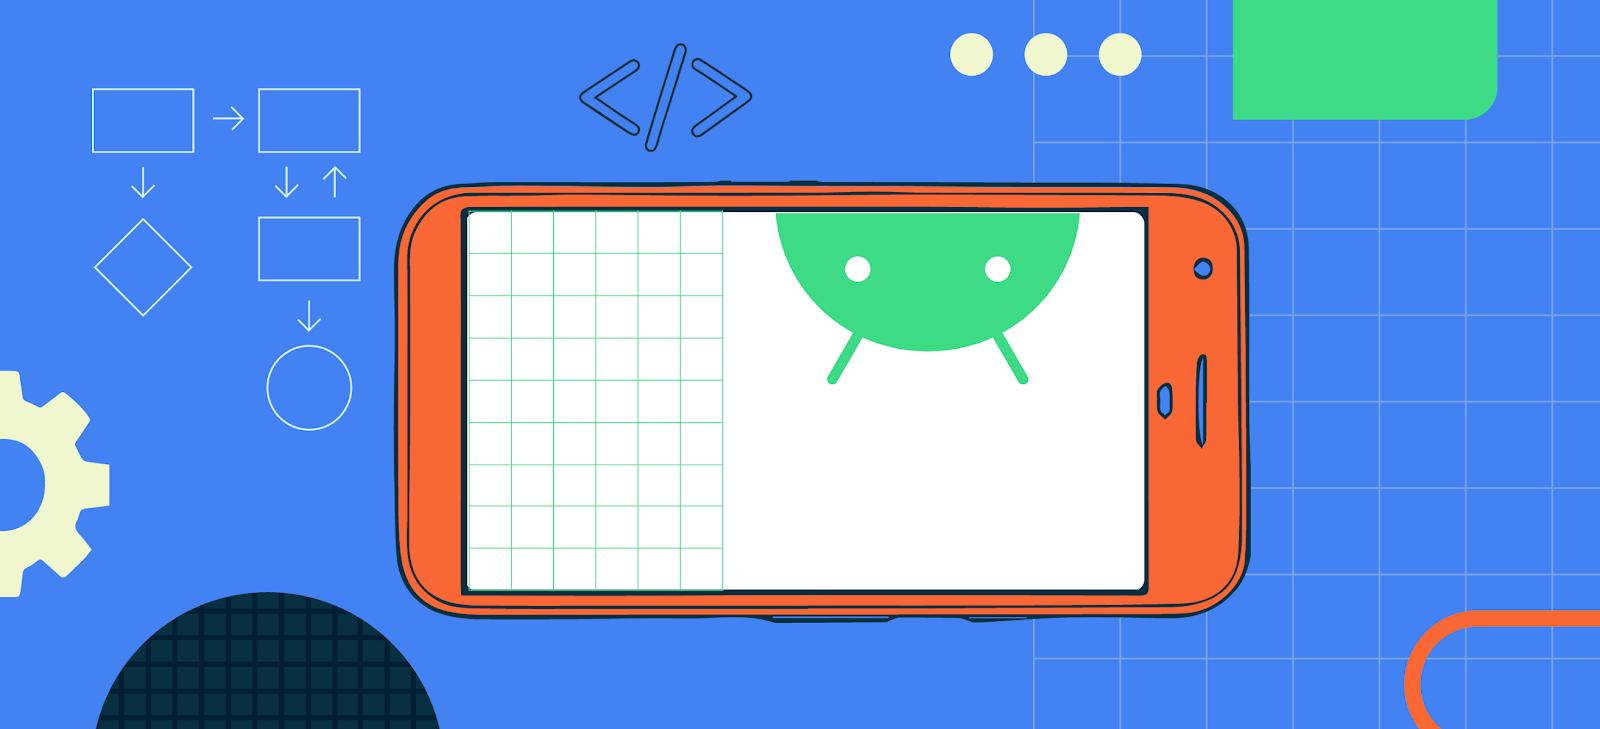 جوجل تطلق دورة جديدة لتعلم تطوير تطبيقات الأندرويد مجانا ... أحصل عليها الآن !